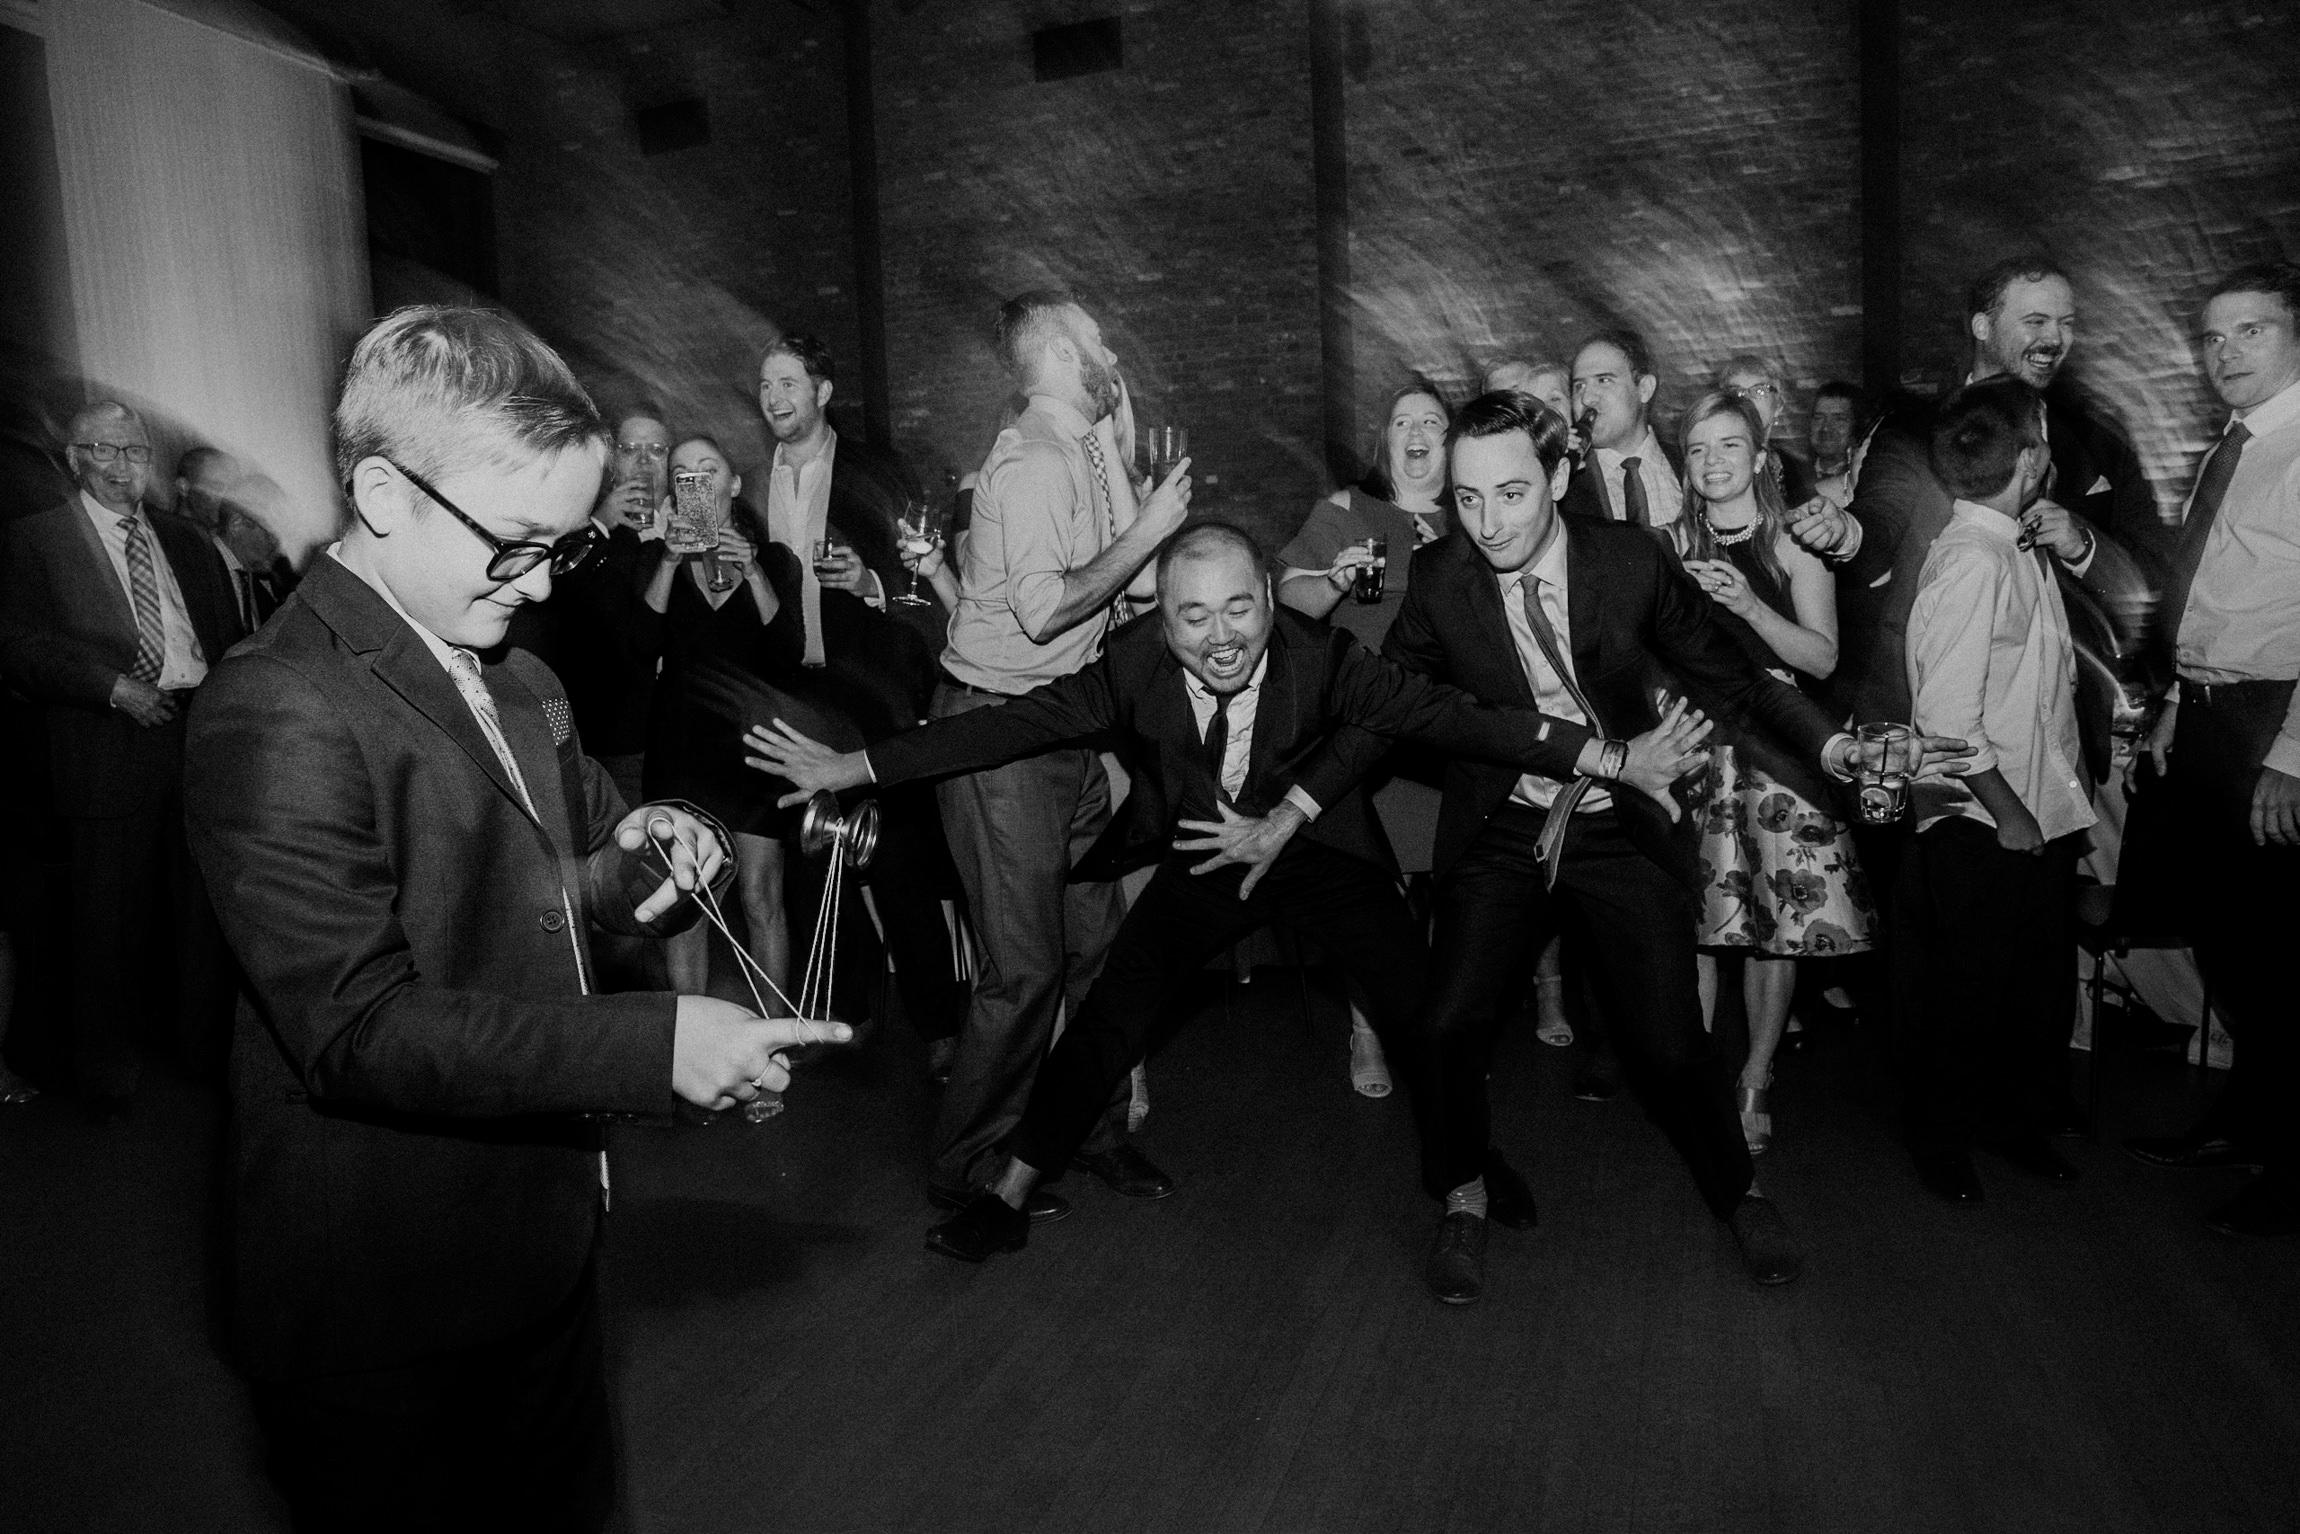 dancefloor2018-39.jpg